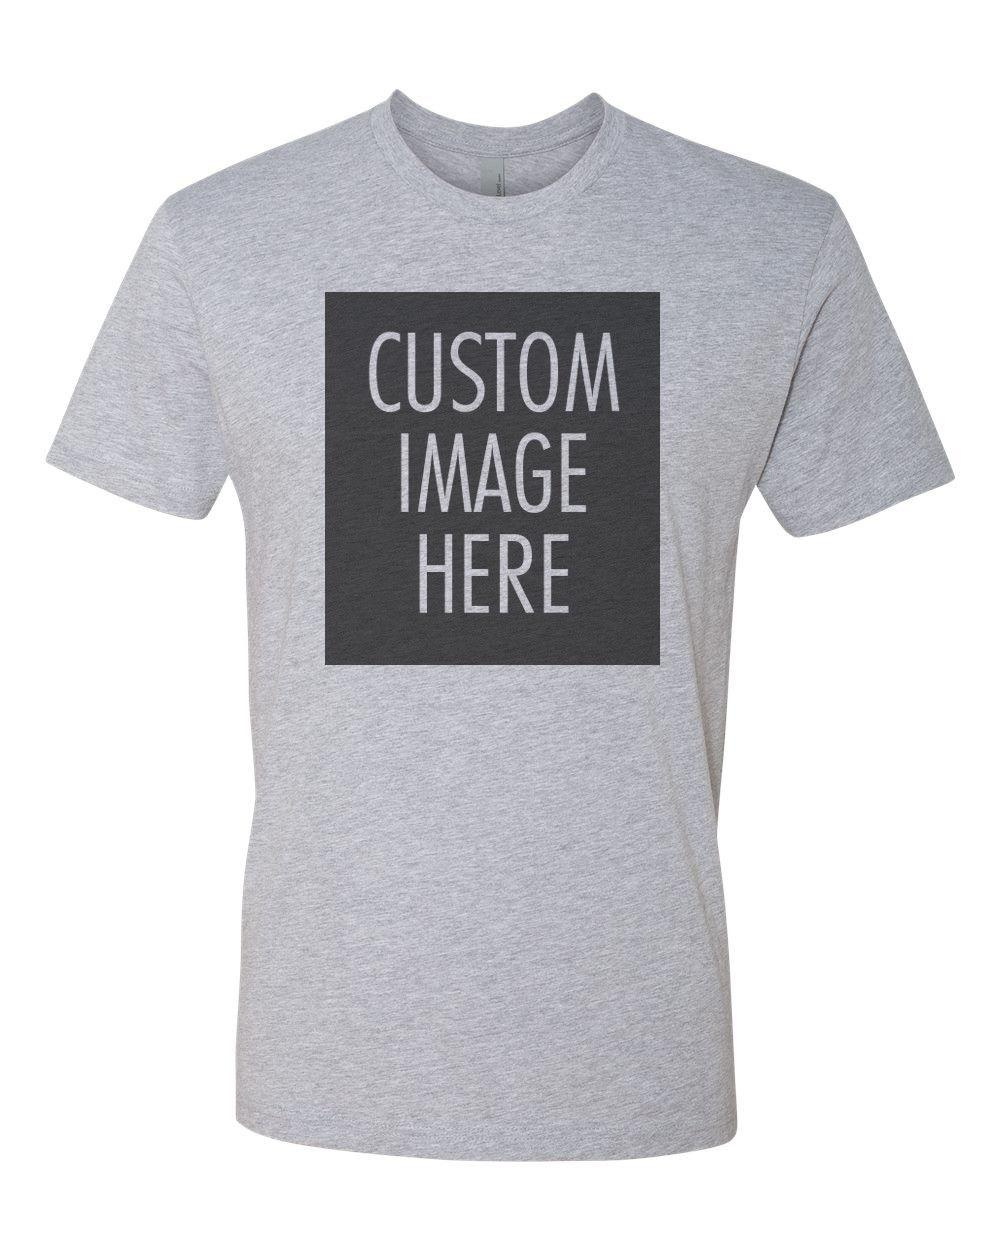 buy online 1082c 5e5d0 Kundenspezifisches T-Shirt mit Ihrem Foto | Text | Logo | Billige  kundenspezifische T-Shirts - Graues cattt Windjacke Pugt-shirt